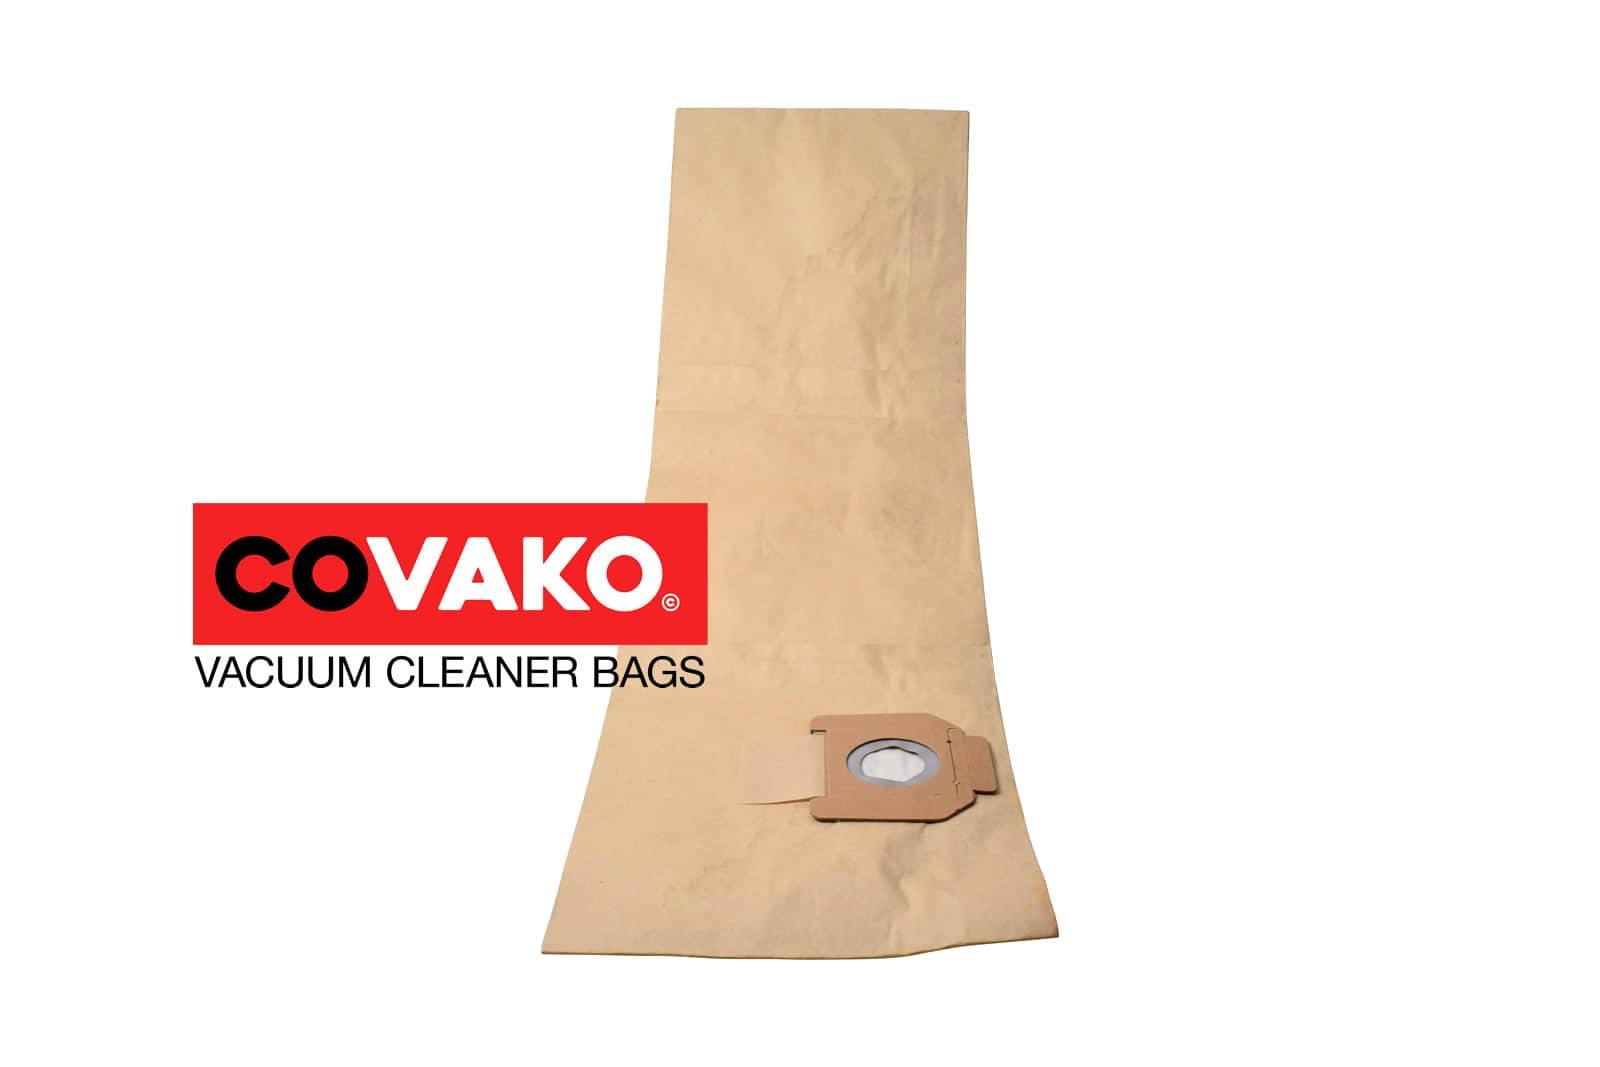 Stihl SE 100 / Paper - Stihl vacuum cleaner bags